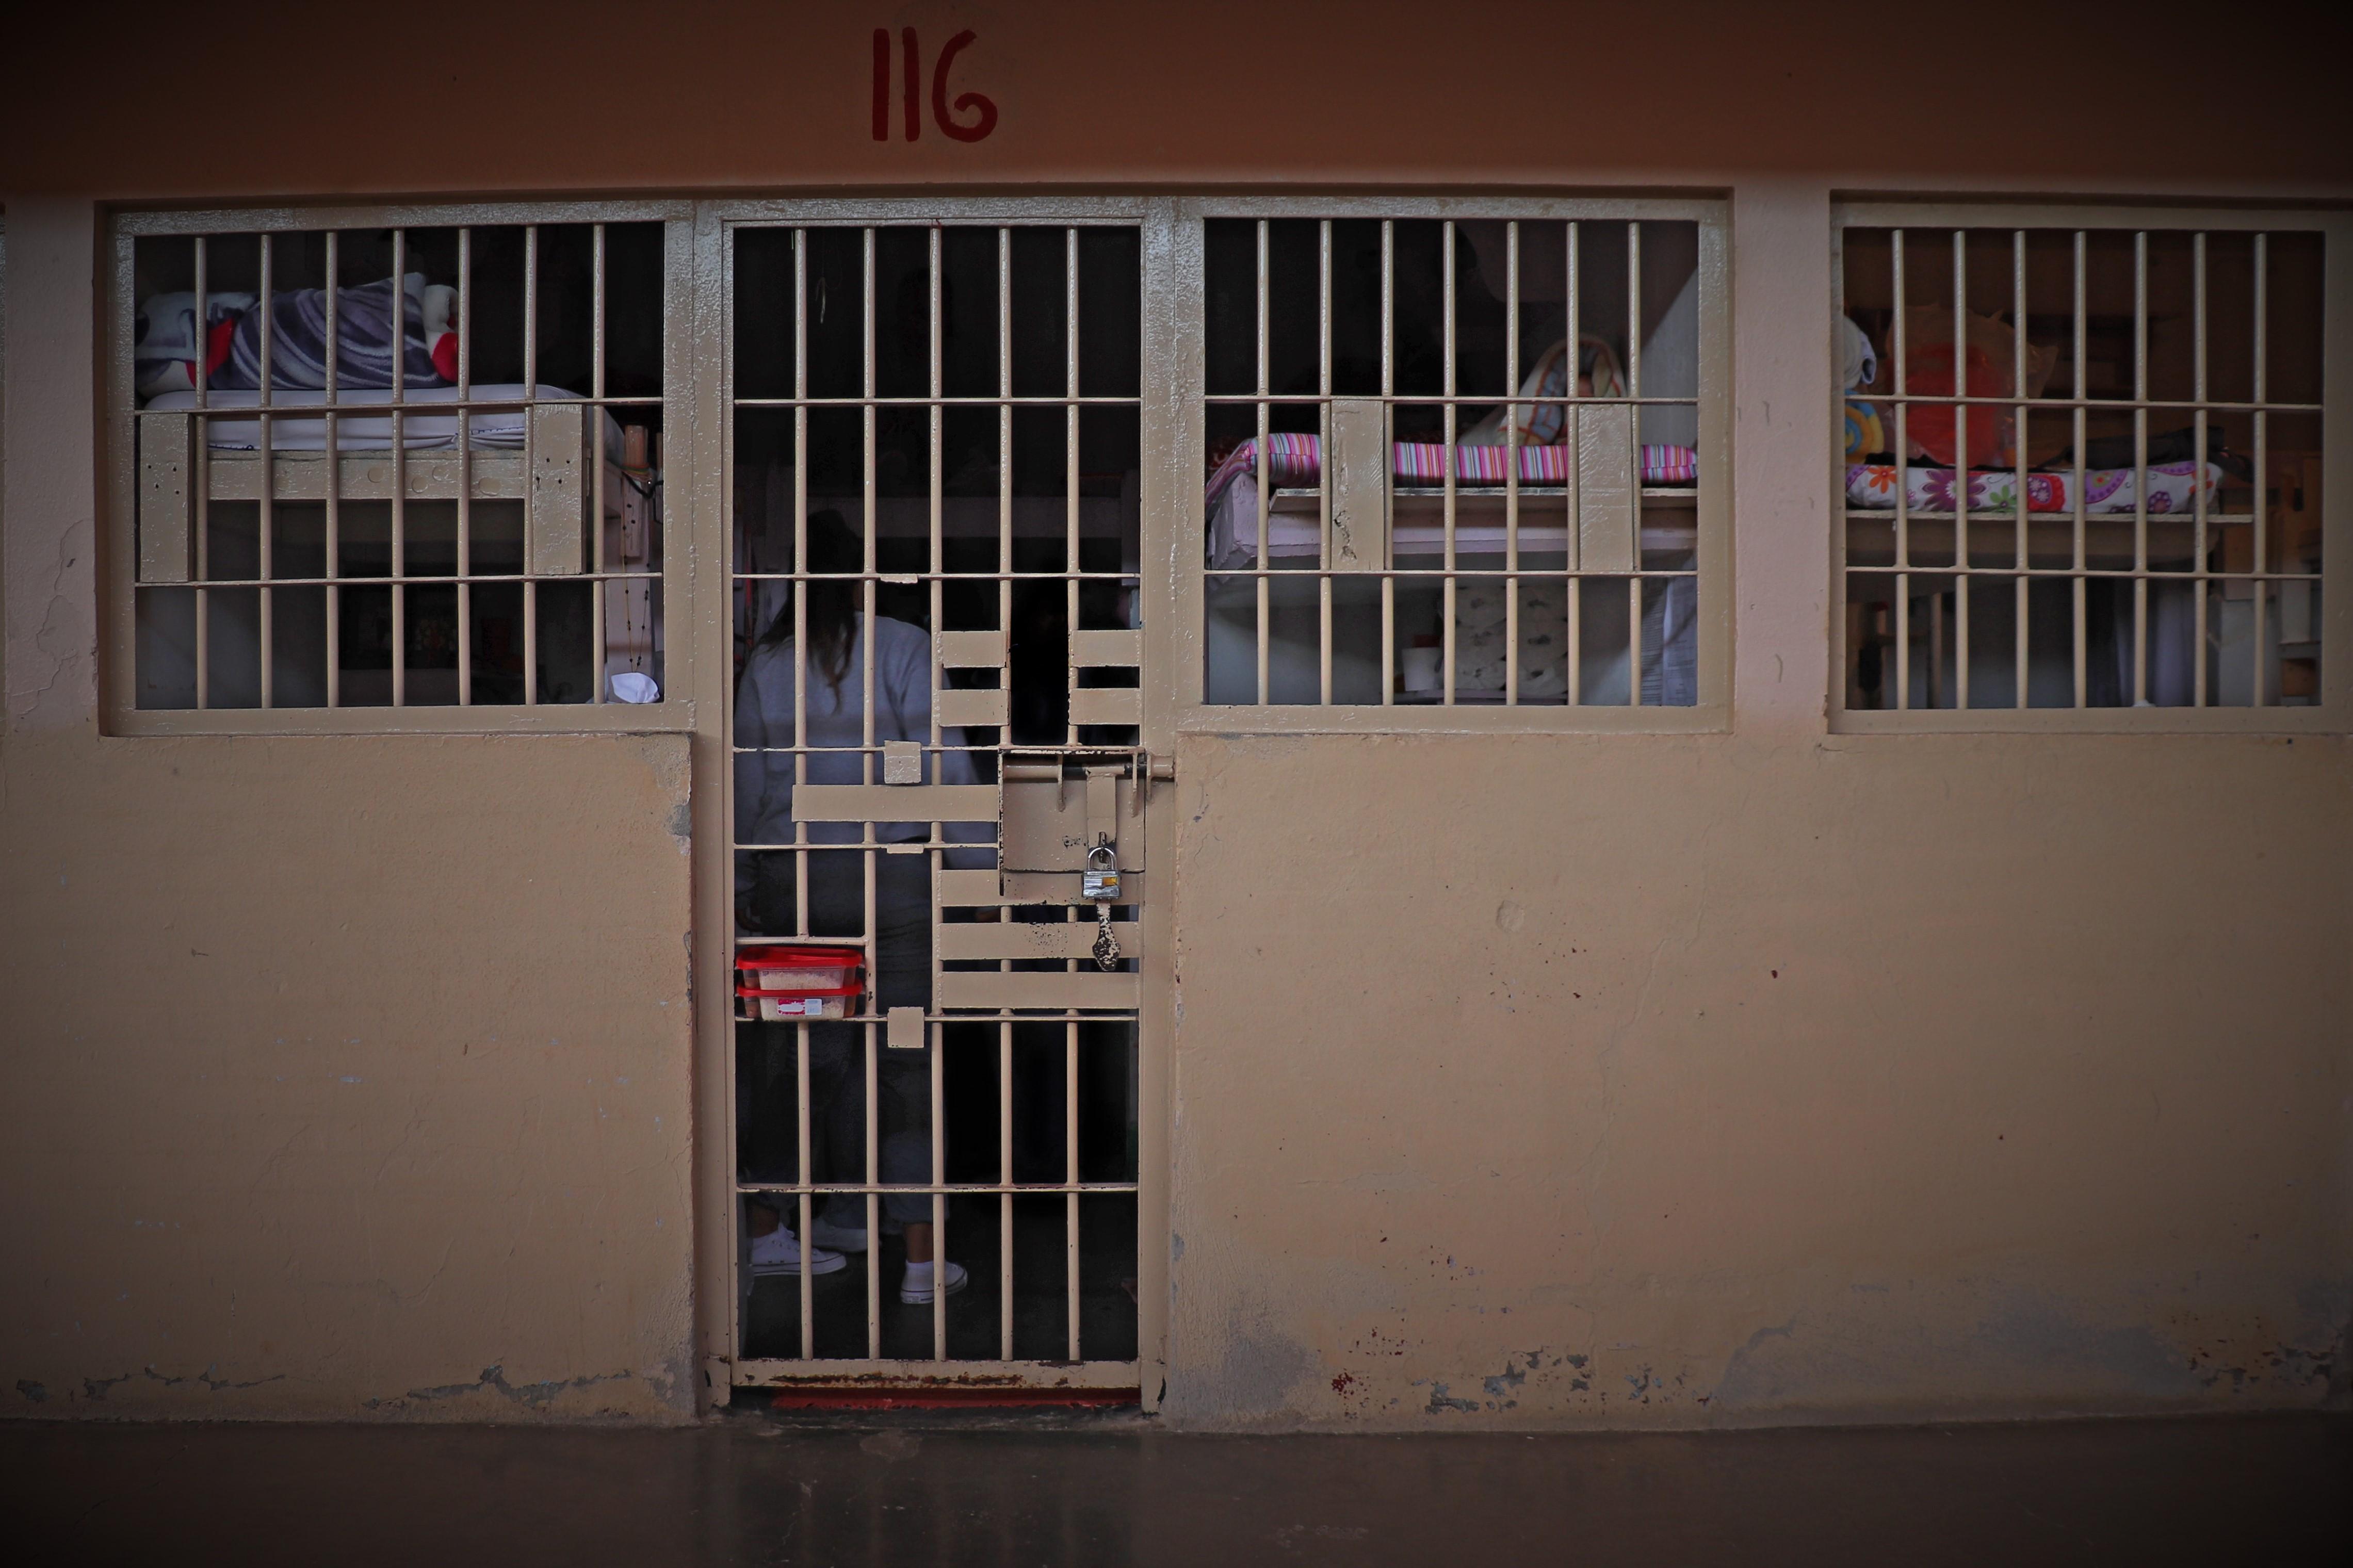 Un motín y contagios dentro de centros penitenciarios: ¡Urge la acción de jueces de ejecución!